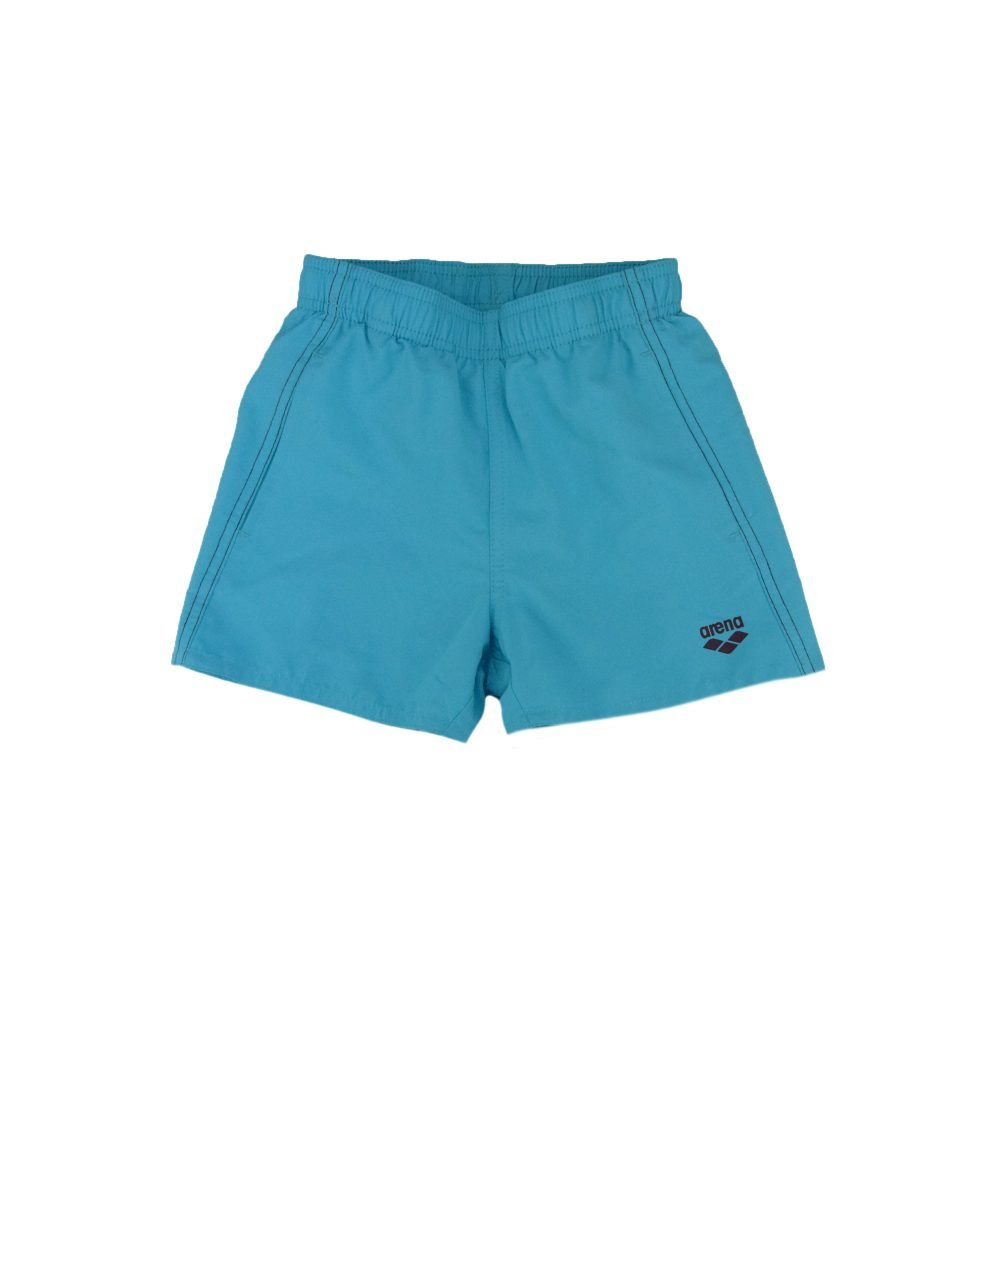 Arena Fundamentals JR Boxer (1B352824) Sea Blue